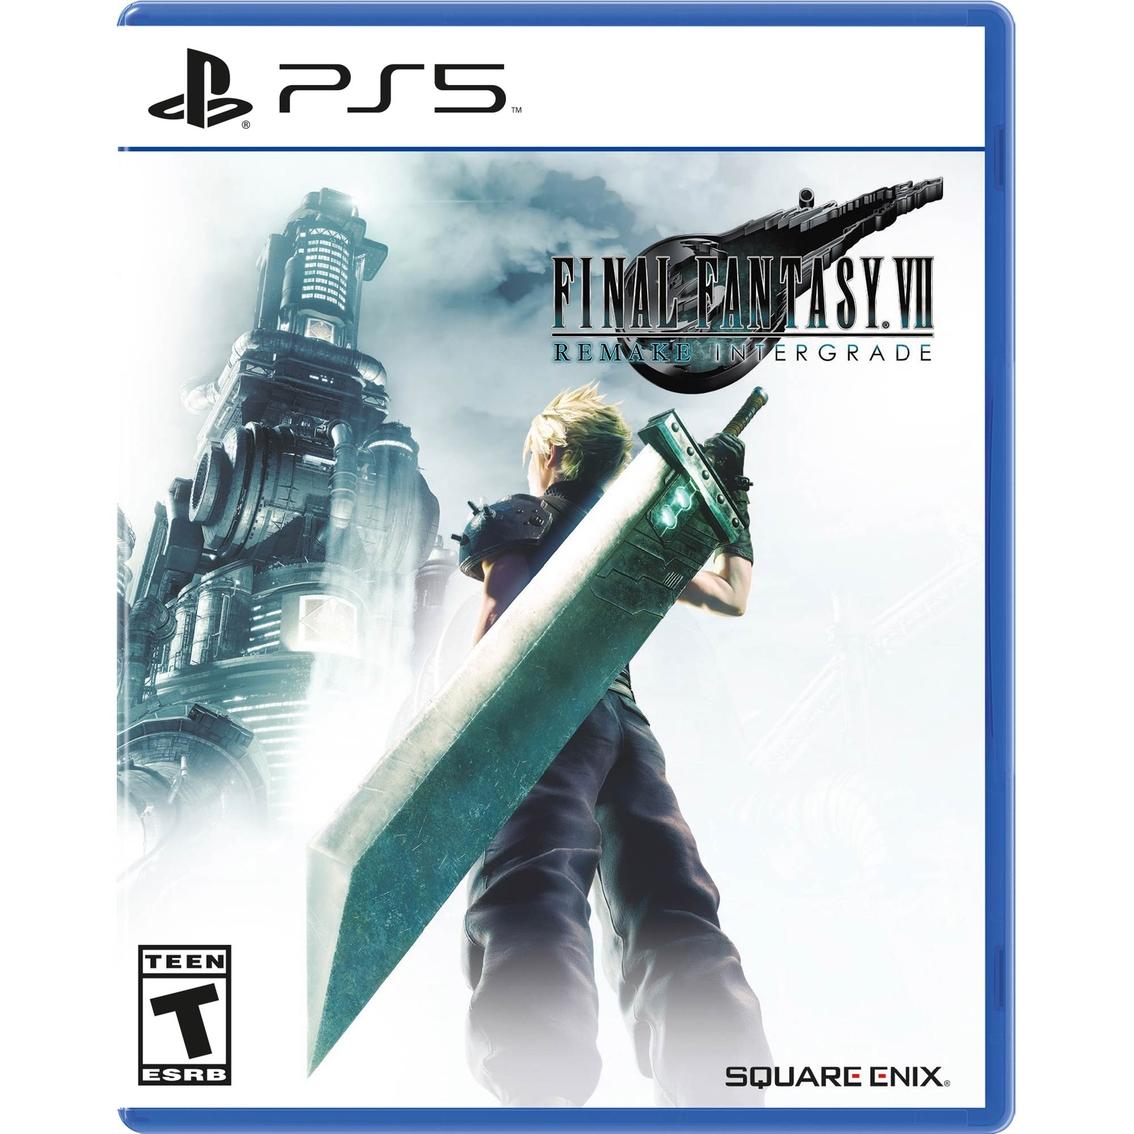 Final Fantasy Vii Remake Intergrade Ps20   Playstation 20 ...